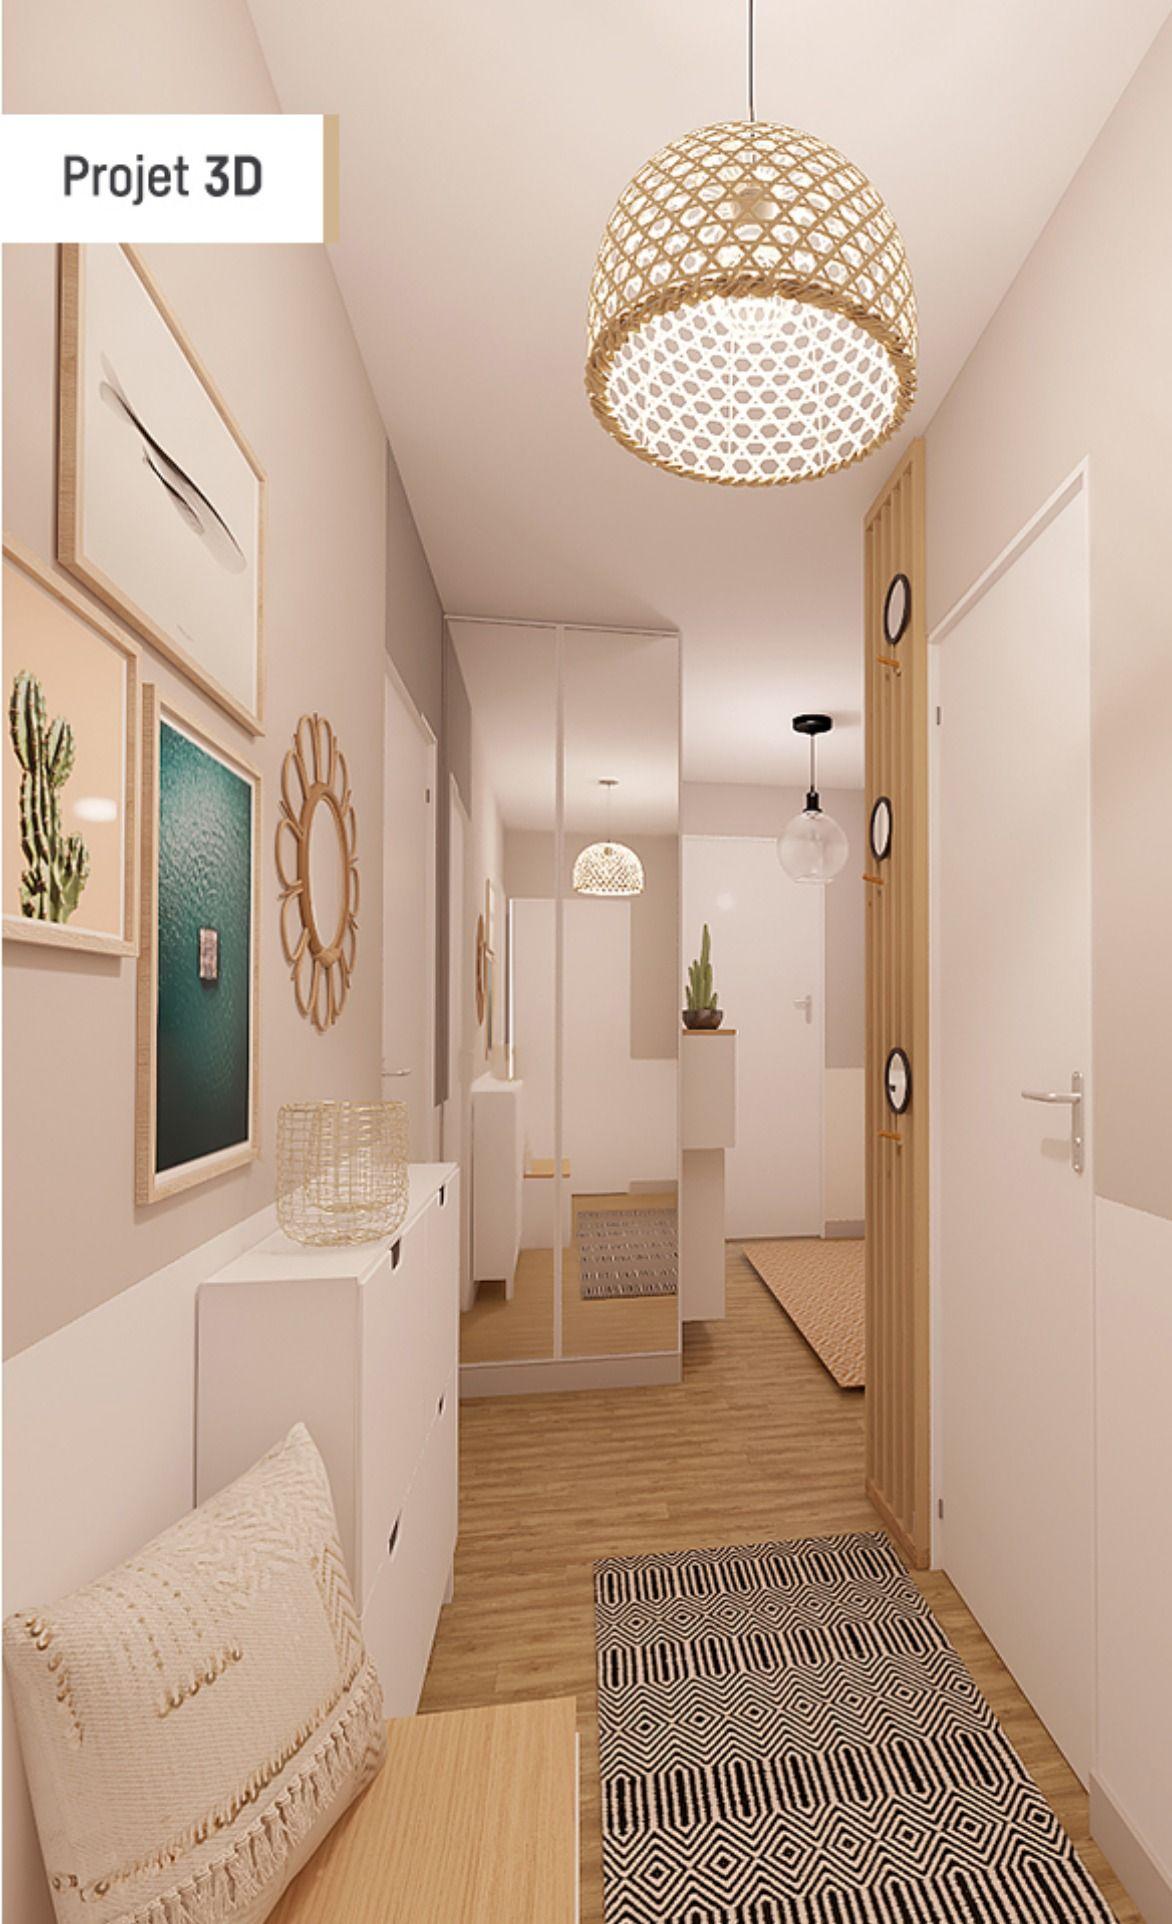 Avant Apres Entree Style Nordique Idee Deco Entree Maison Deco Entree Maison Decoration Interieur Maison